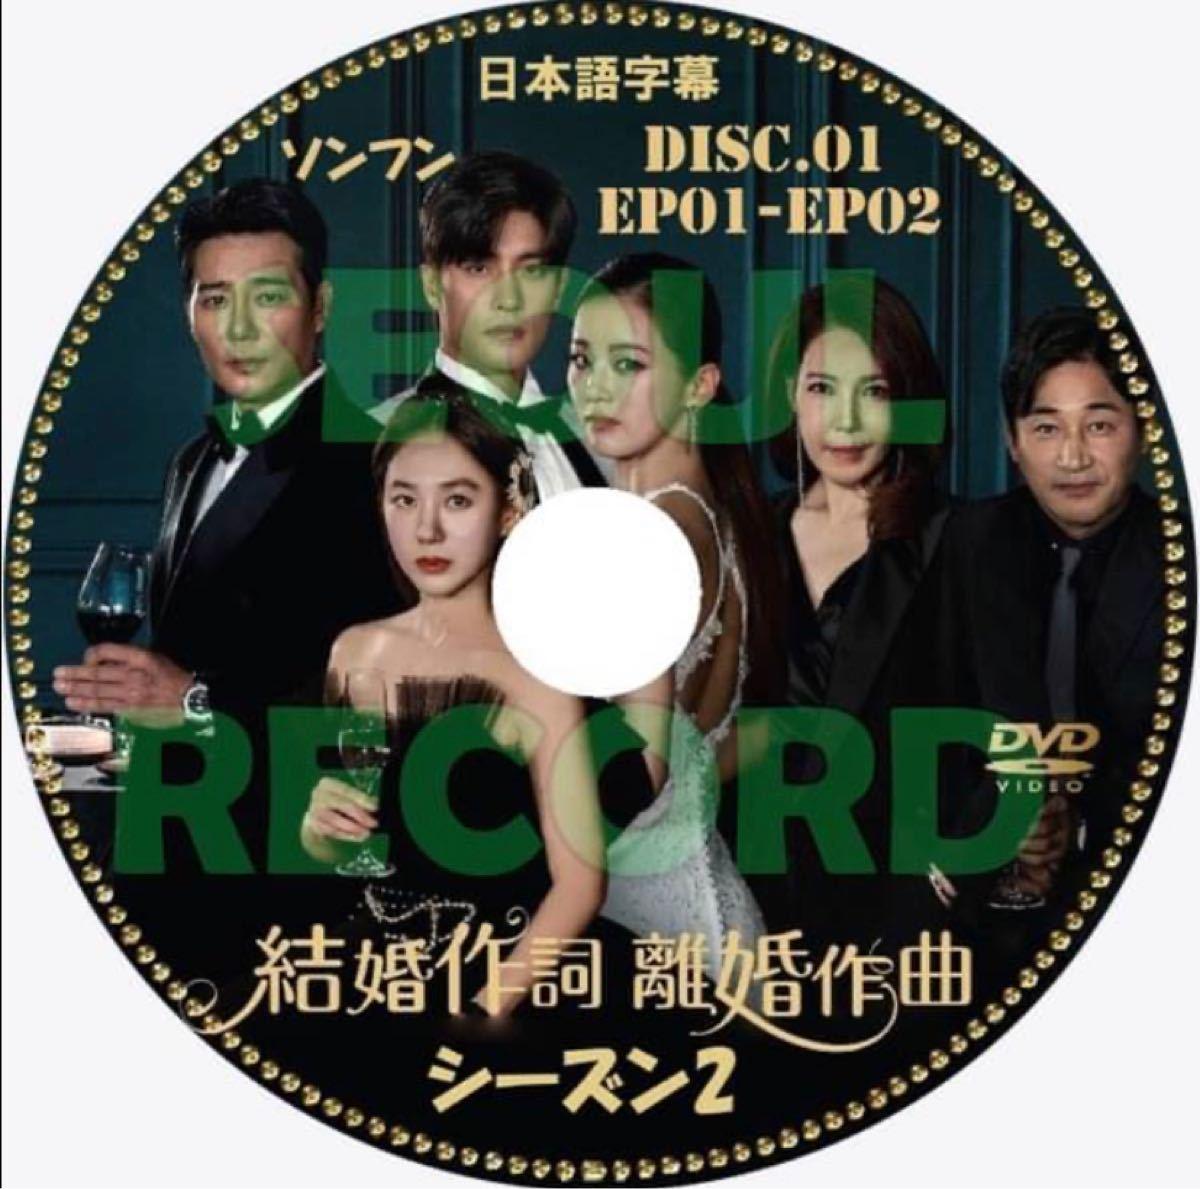 韓国ドラマ結婚作詞 離婚作曲 シーズン2 (日本語字幕) DISC.1 EP1+2  DVDレーベル付